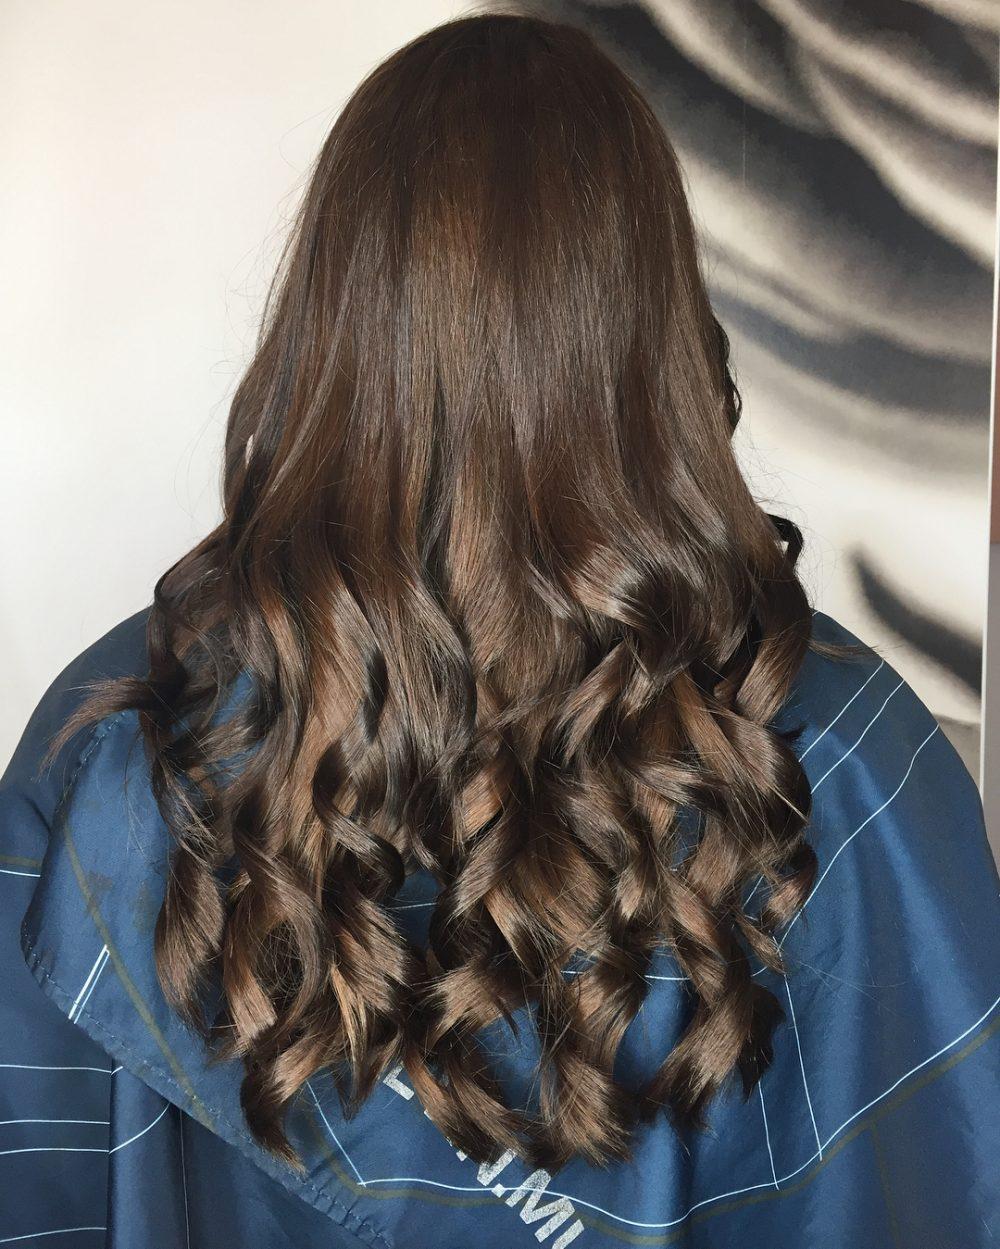 خاص ترین مدل رنگ موی تیره